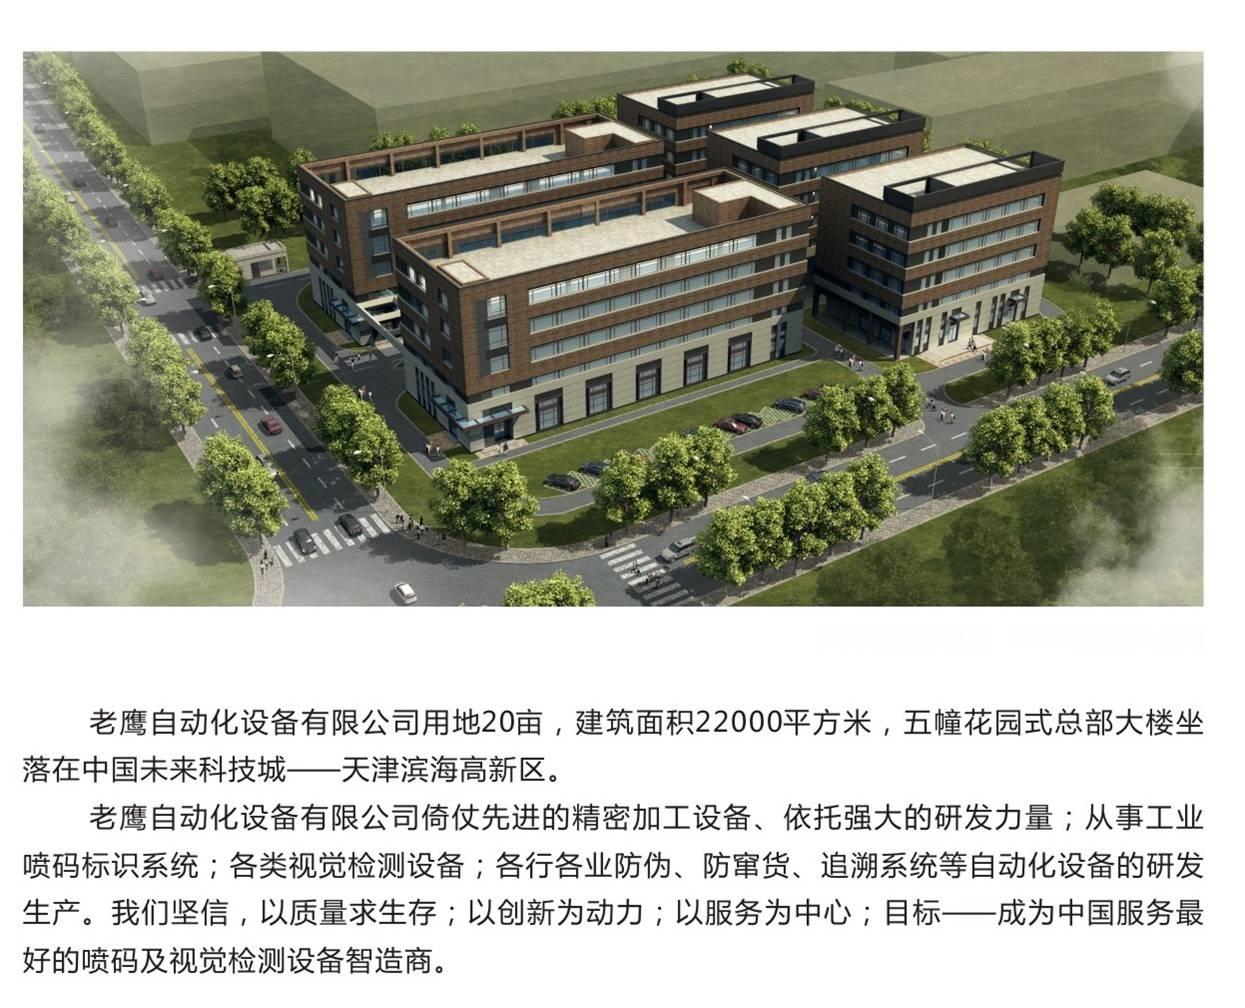 天津滨海高新技术产业开发区